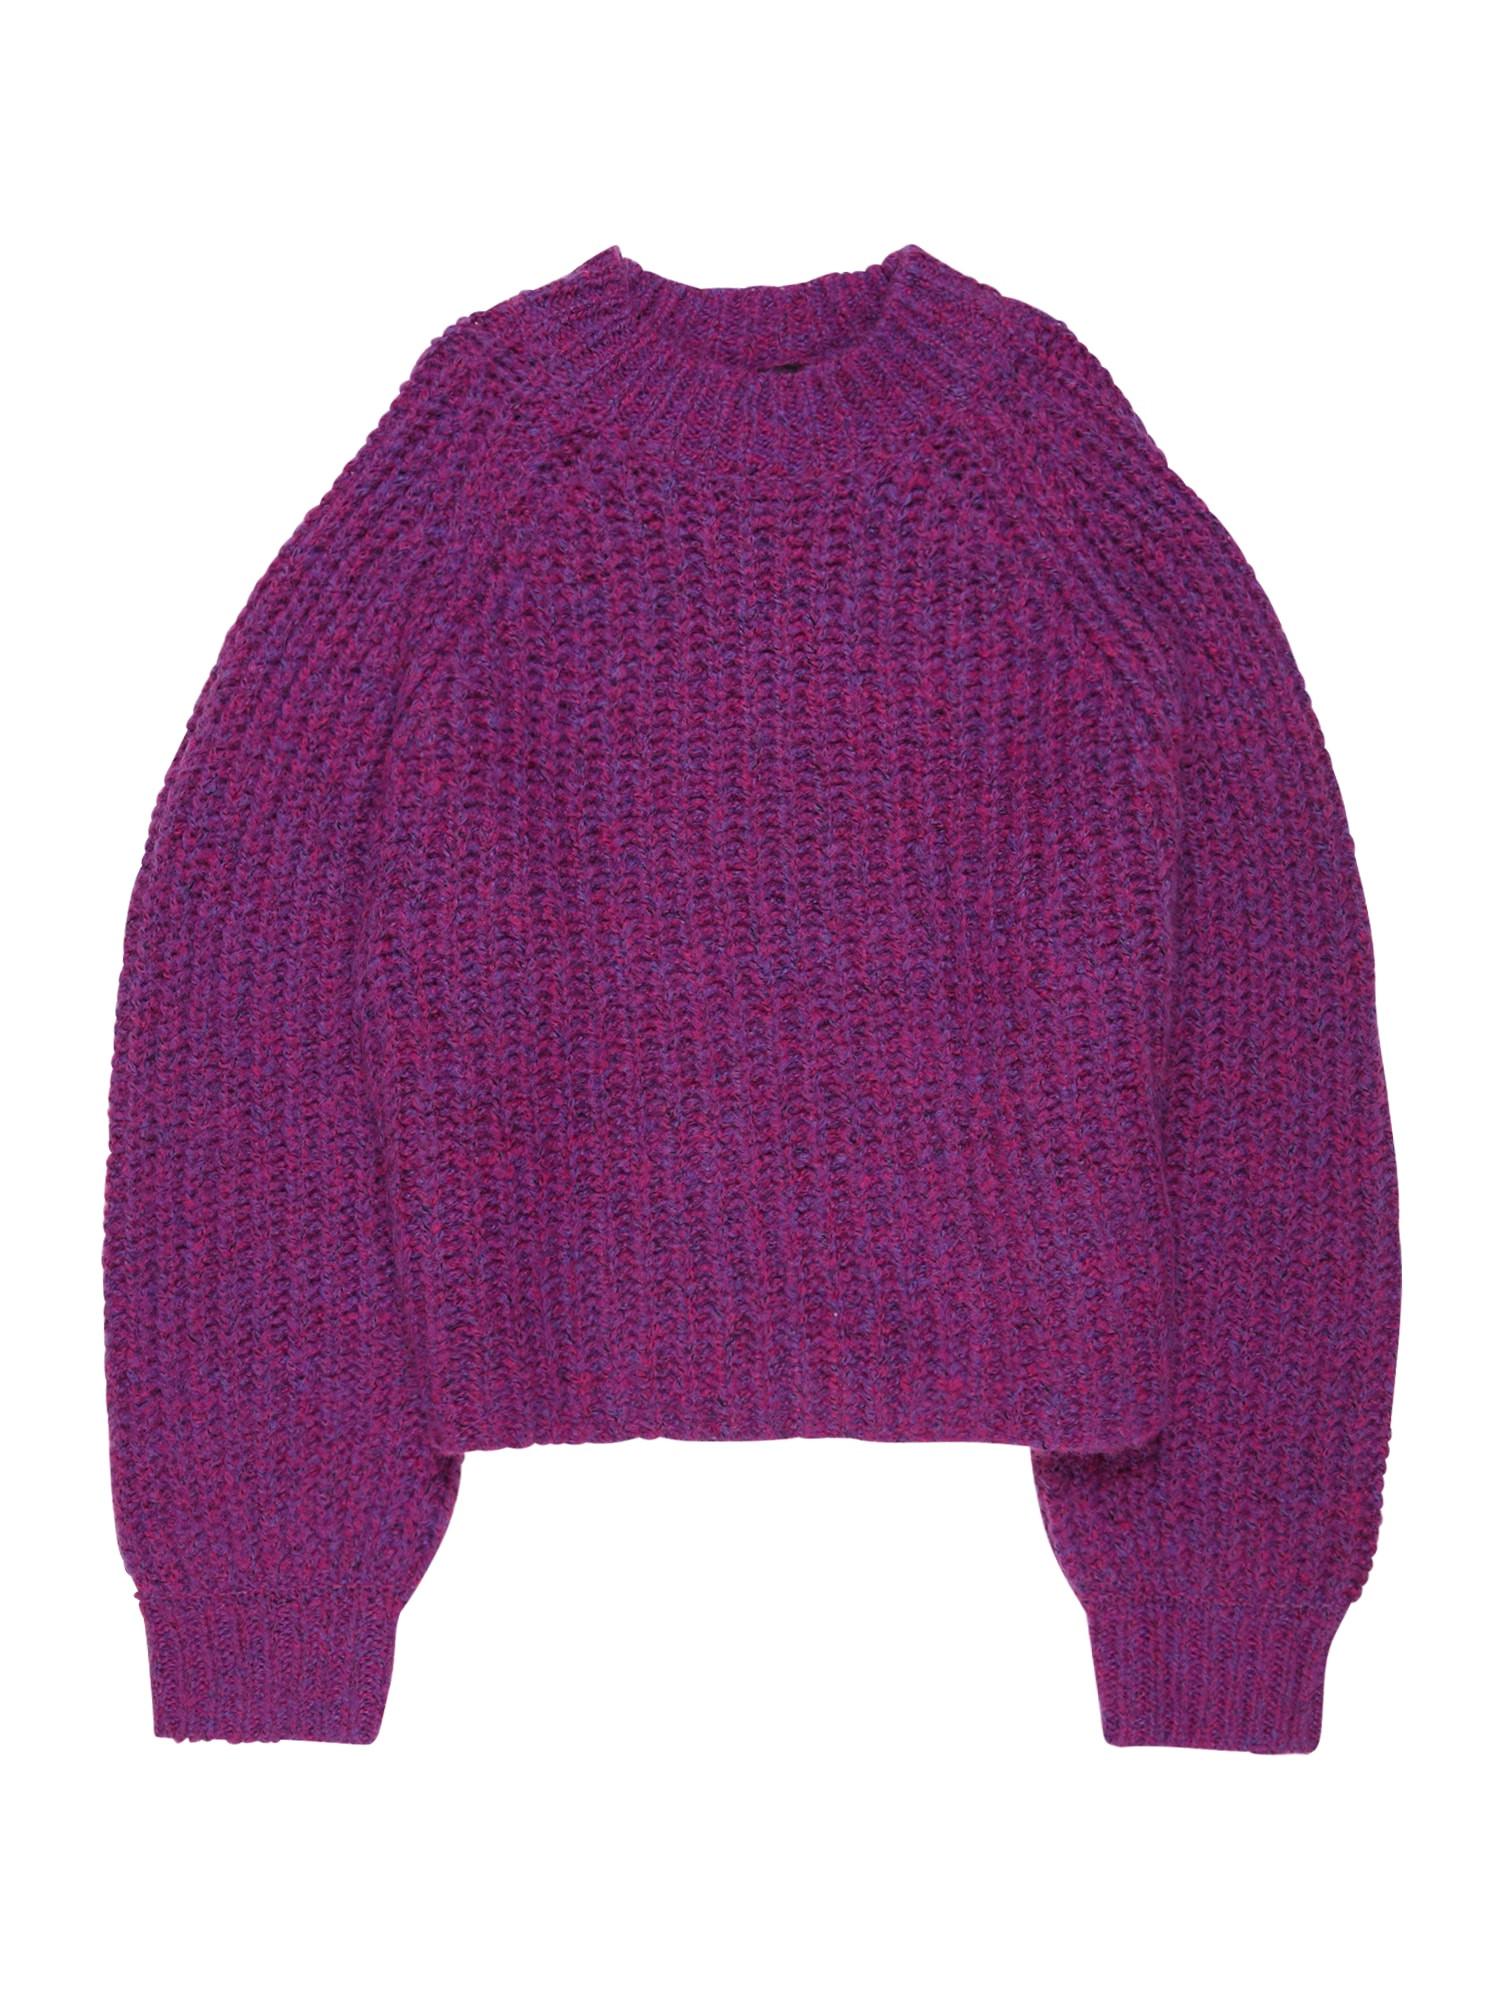 LMTD Megztinis rausvai violetinė spalva